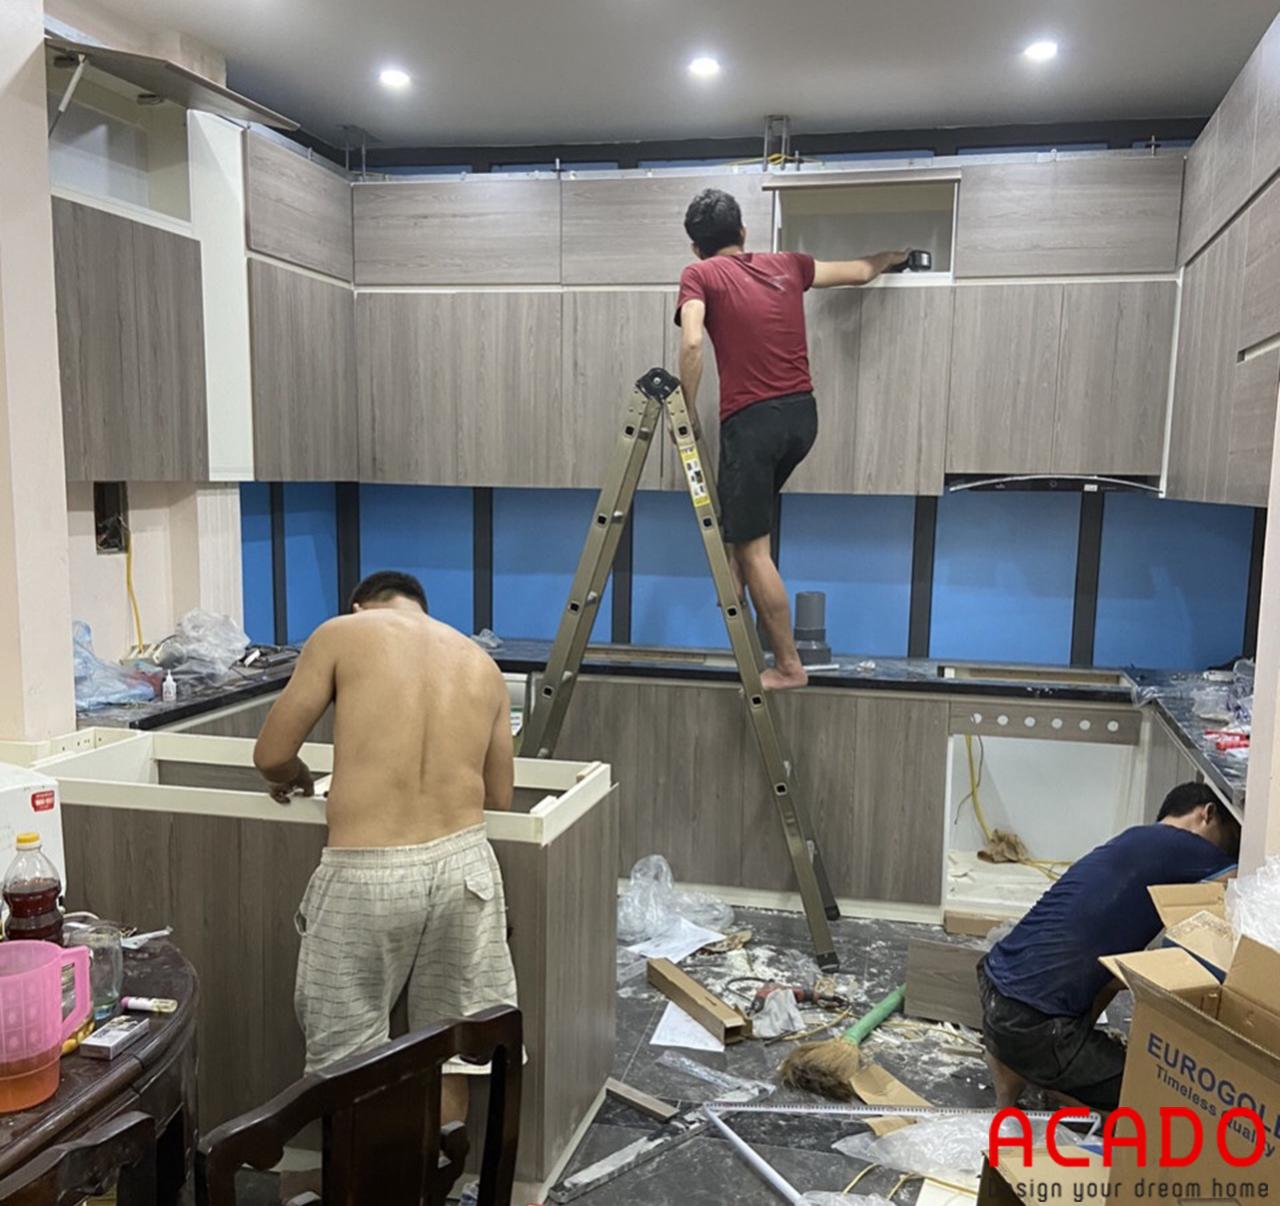 Những chú thợ ACADO vẫn đang miệt mài lắp đặt tủ bếp